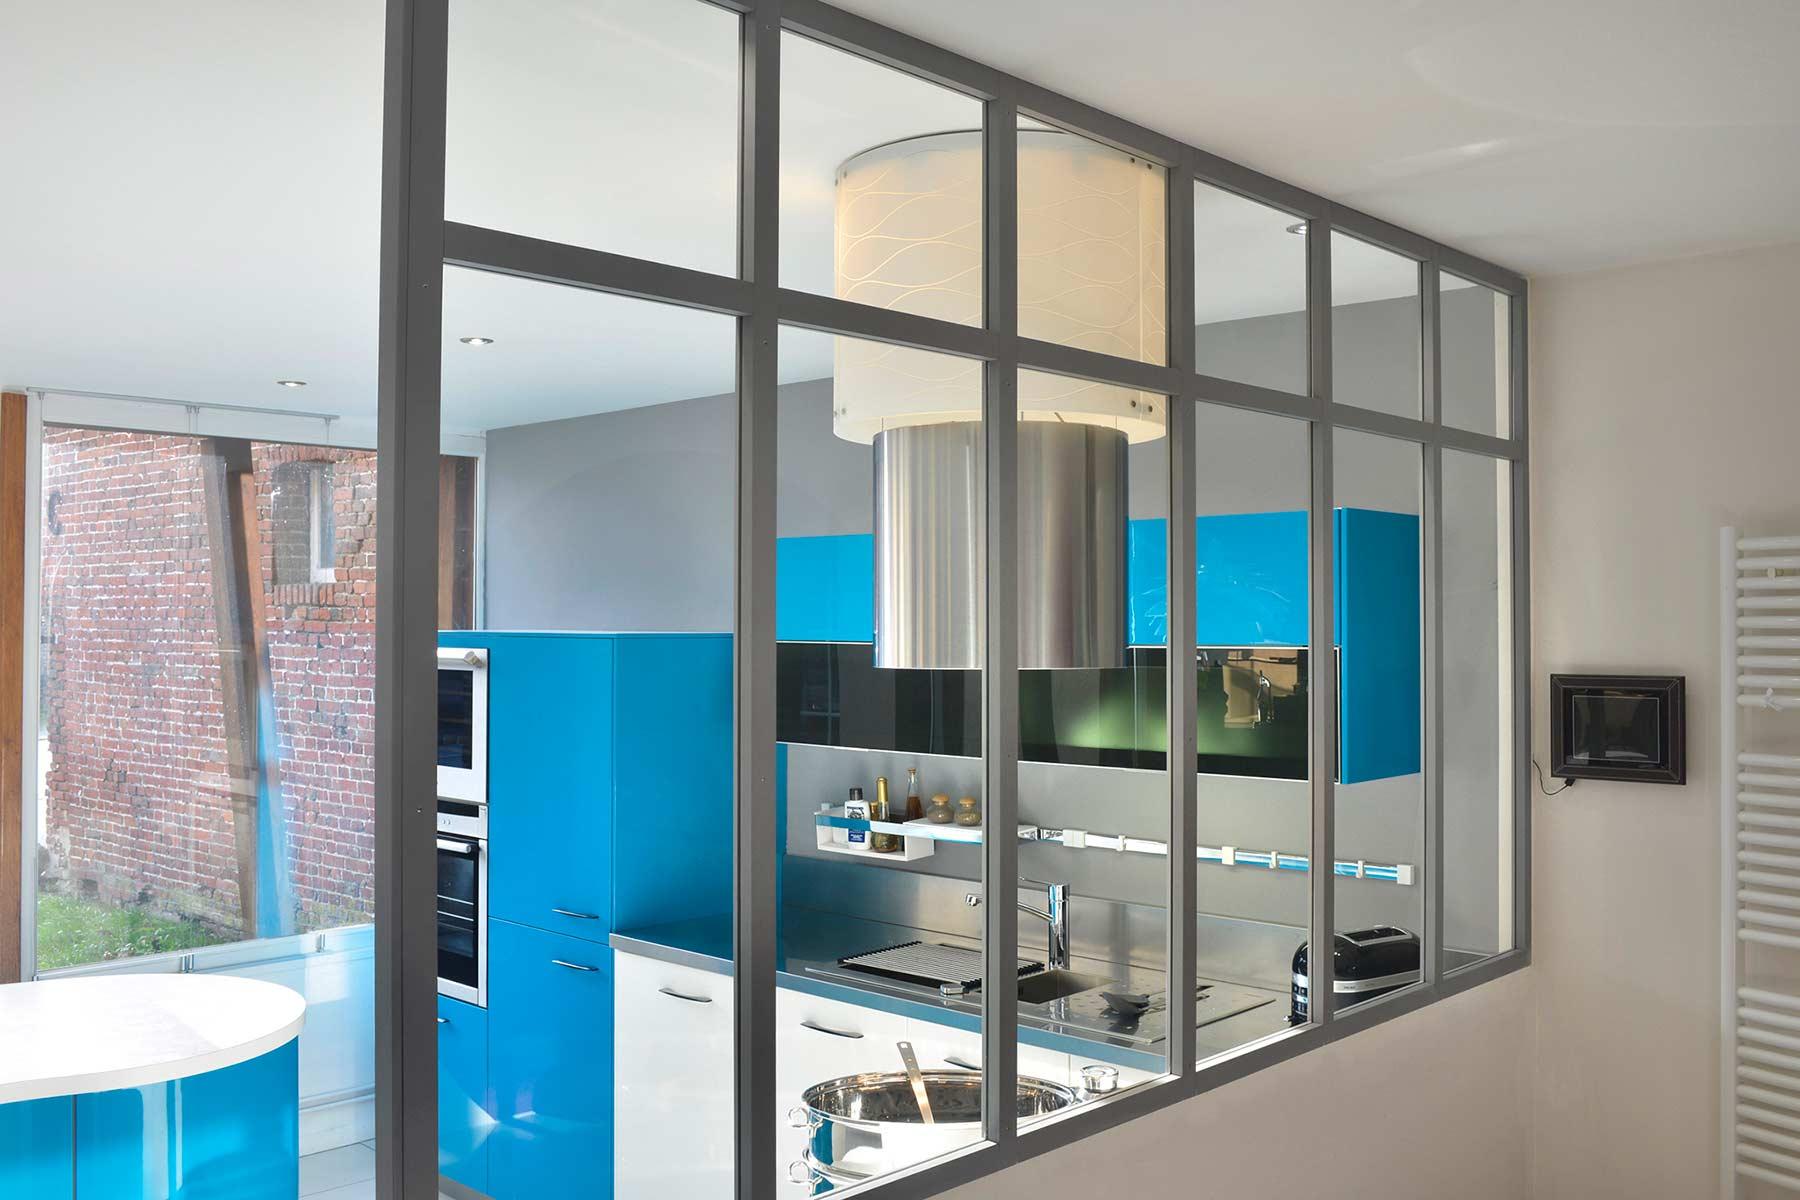 votre atelier d 39 artiste lumineux et de qualit embois verri re. Black Bedroom Furniture Sets. Home Design Ideas